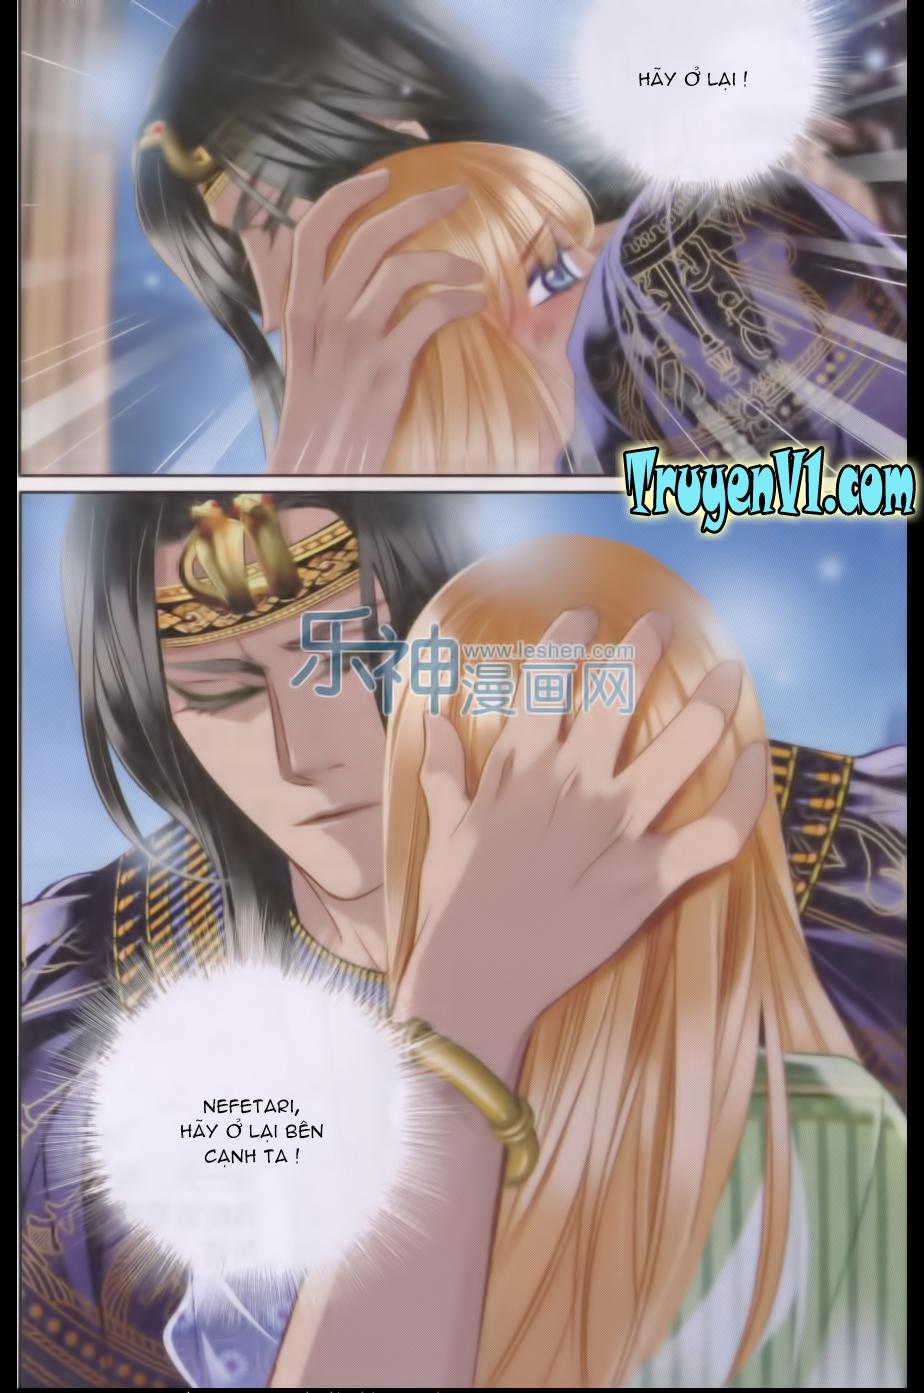 a3manga.com Sủng Phi Của Pharaoh Chap 21